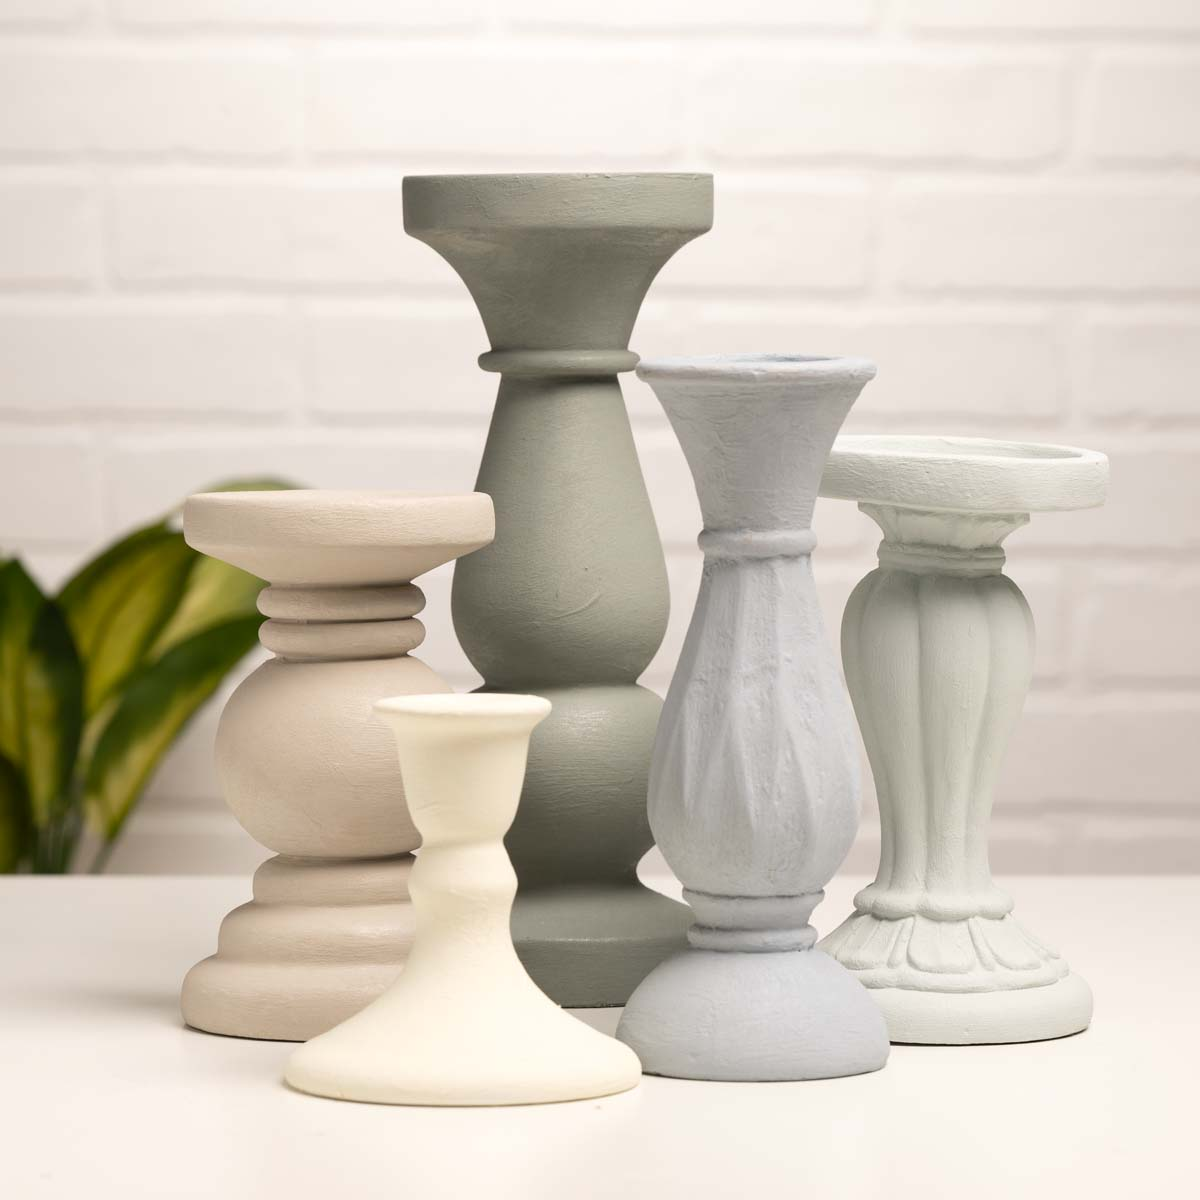 FolkArt ® Terra Cotta™ Acrylic Paint - Shale Green, 2 oz. - 7022